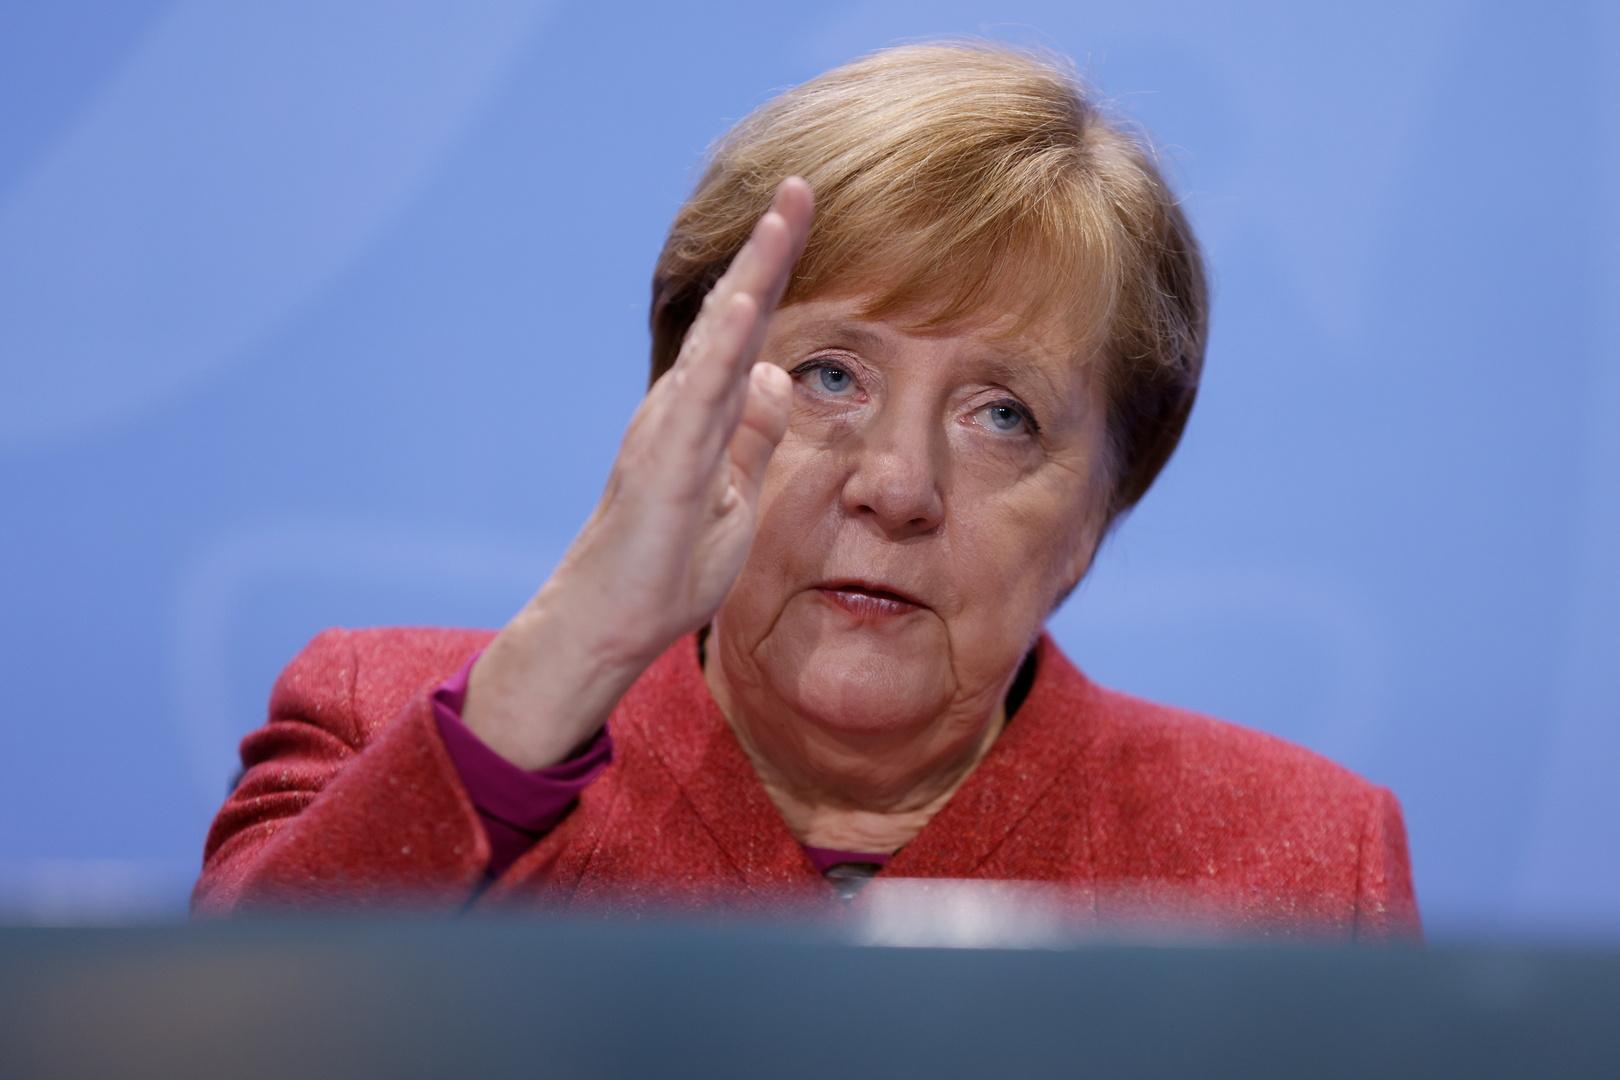 المستشارة الألمانية تعرب عن قلقها المستمر إزاء جائحة كورونا